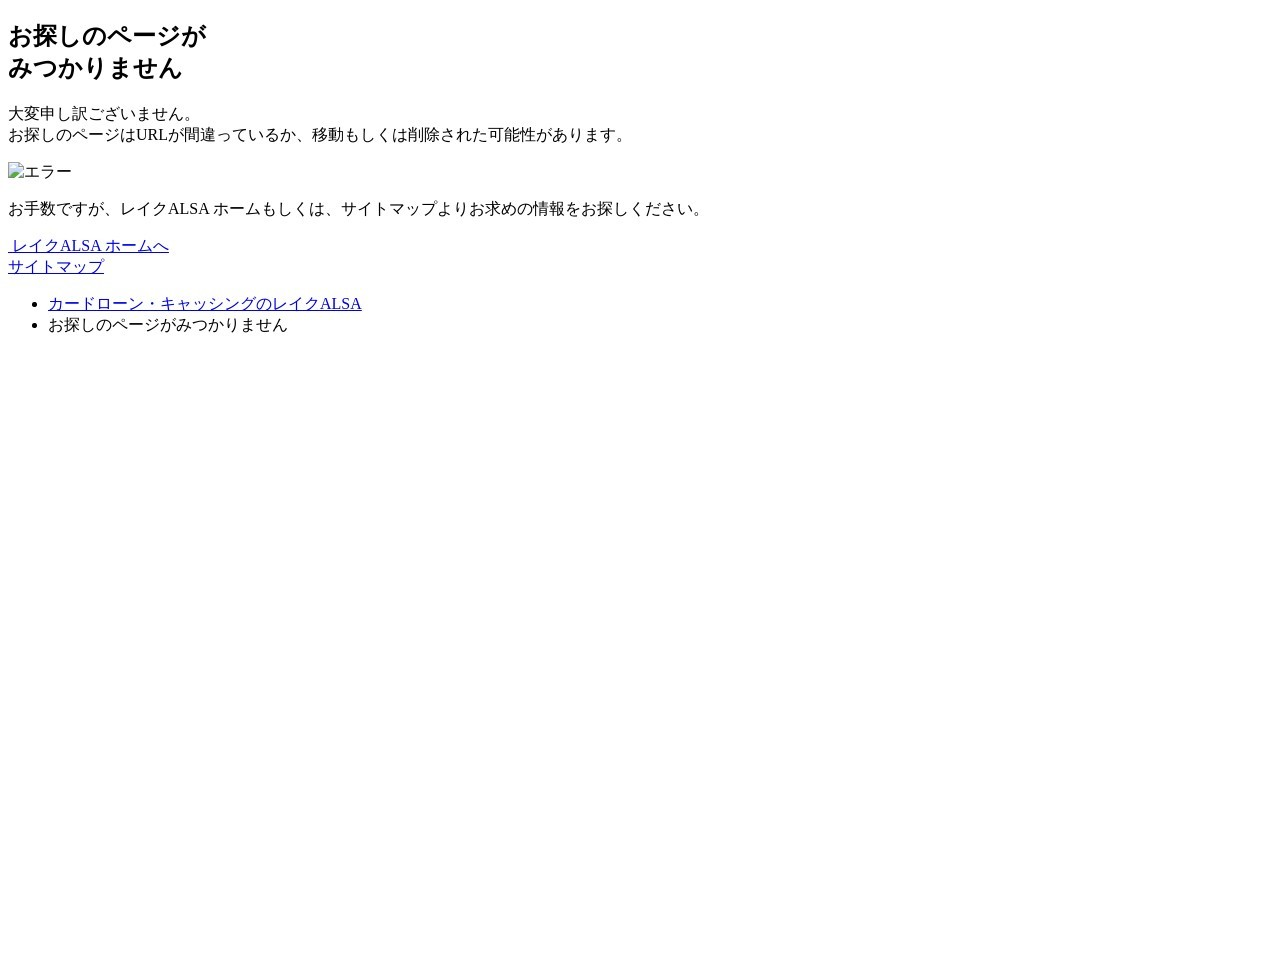 レイクALSA 4号須賀川自動契約コーナー福島県 レイクALSA